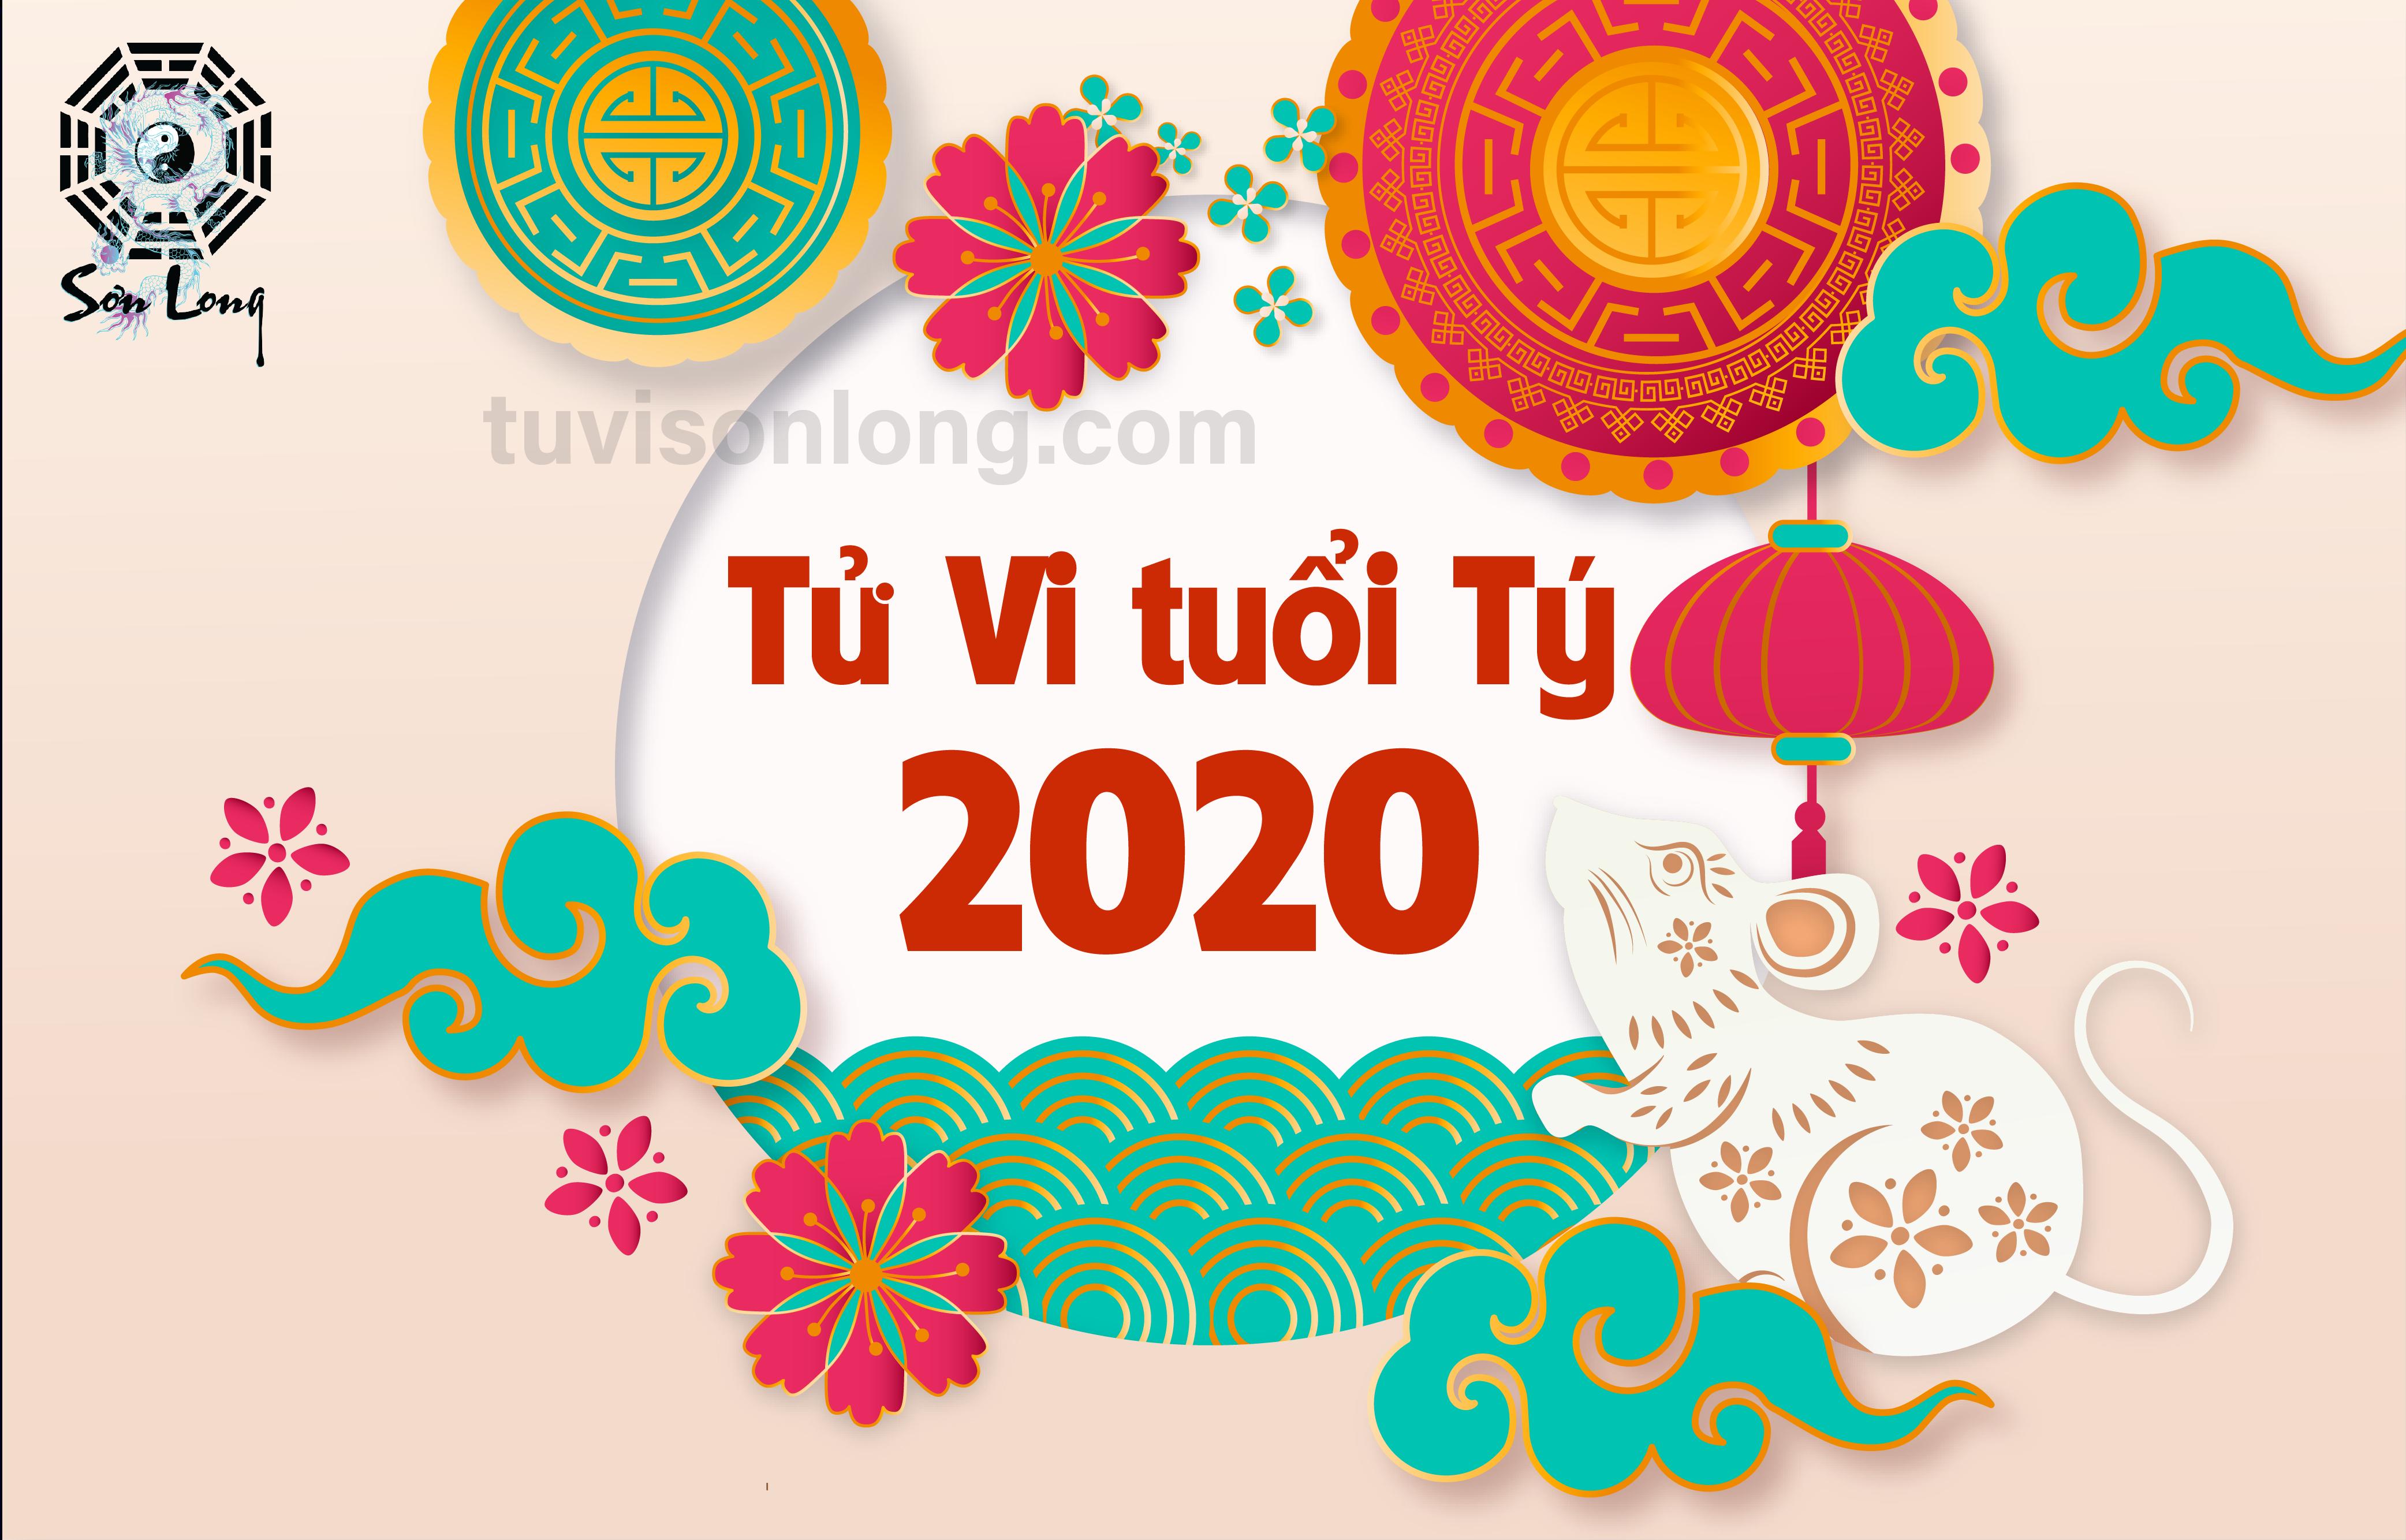 TỬ VI TUỔI TÝ NĂM 2020 - CHUỘT SA CHĨNH GẠO